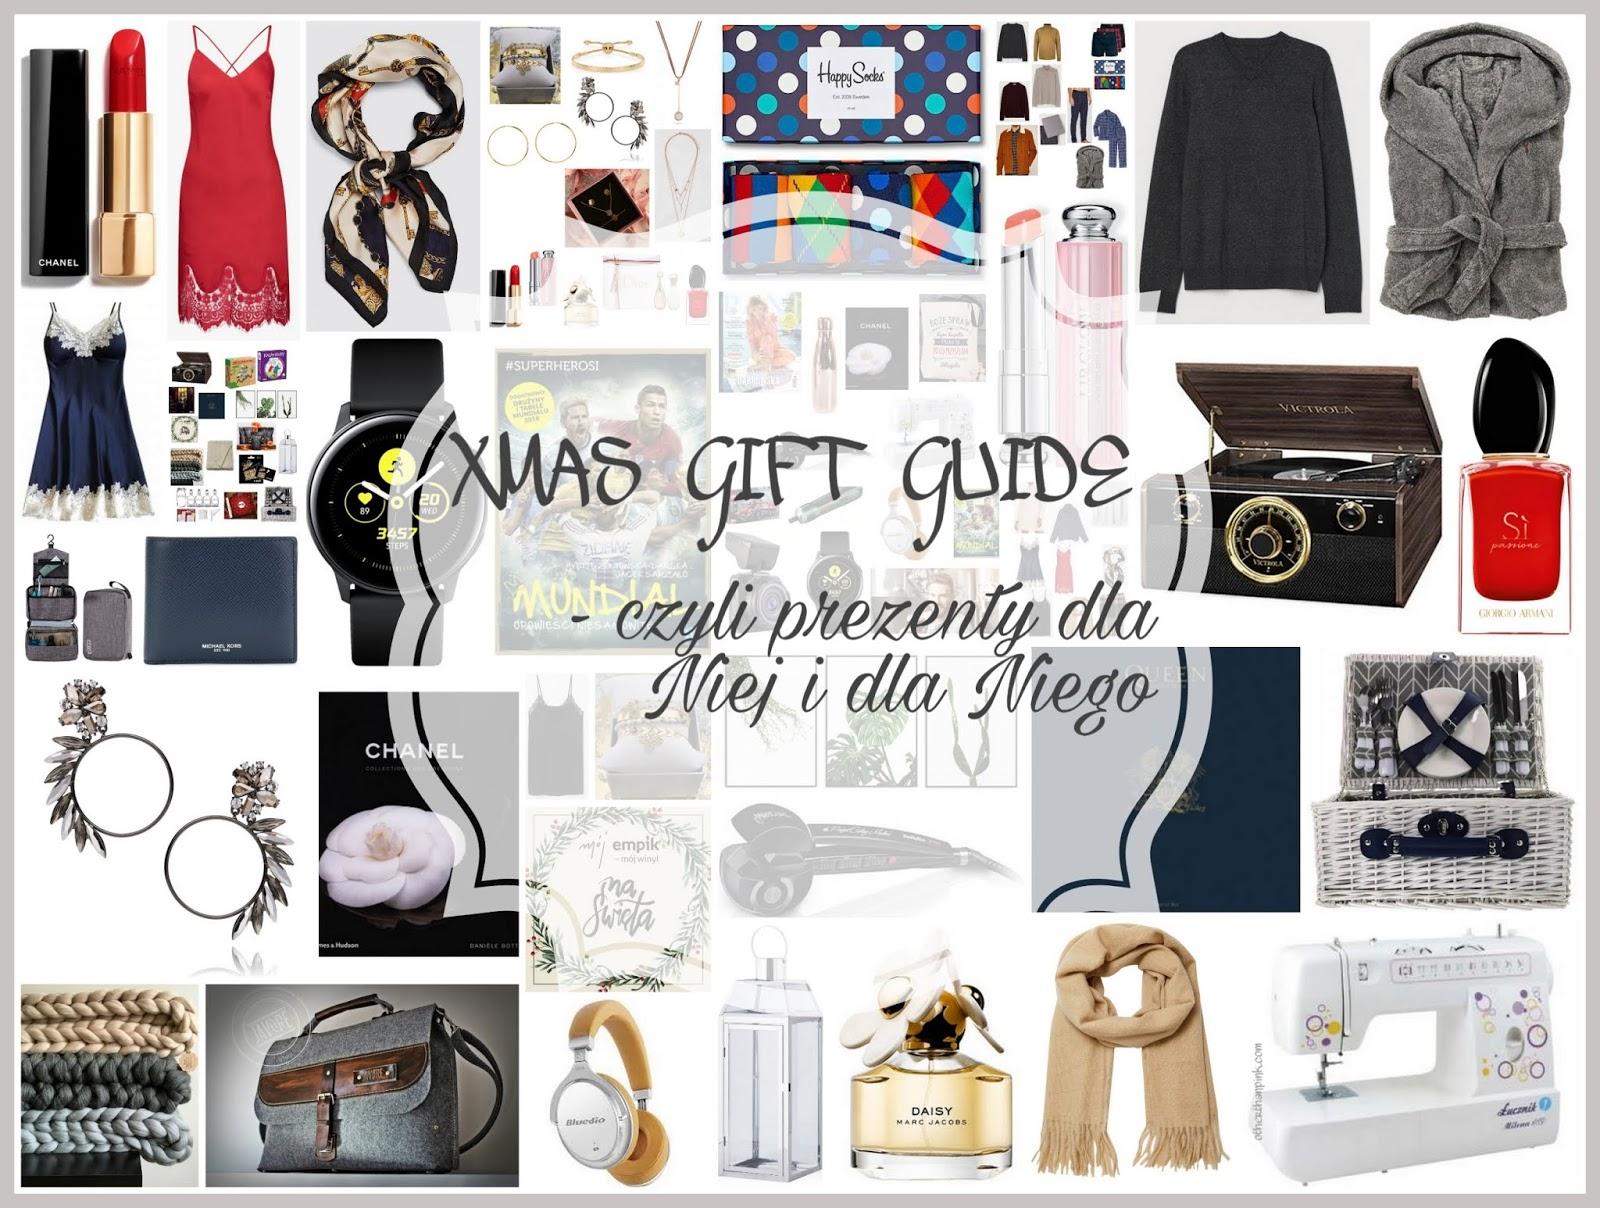 Xmas gift guide czyli ponad 70 pomysłów na prezenty dla Niej i dla Niego